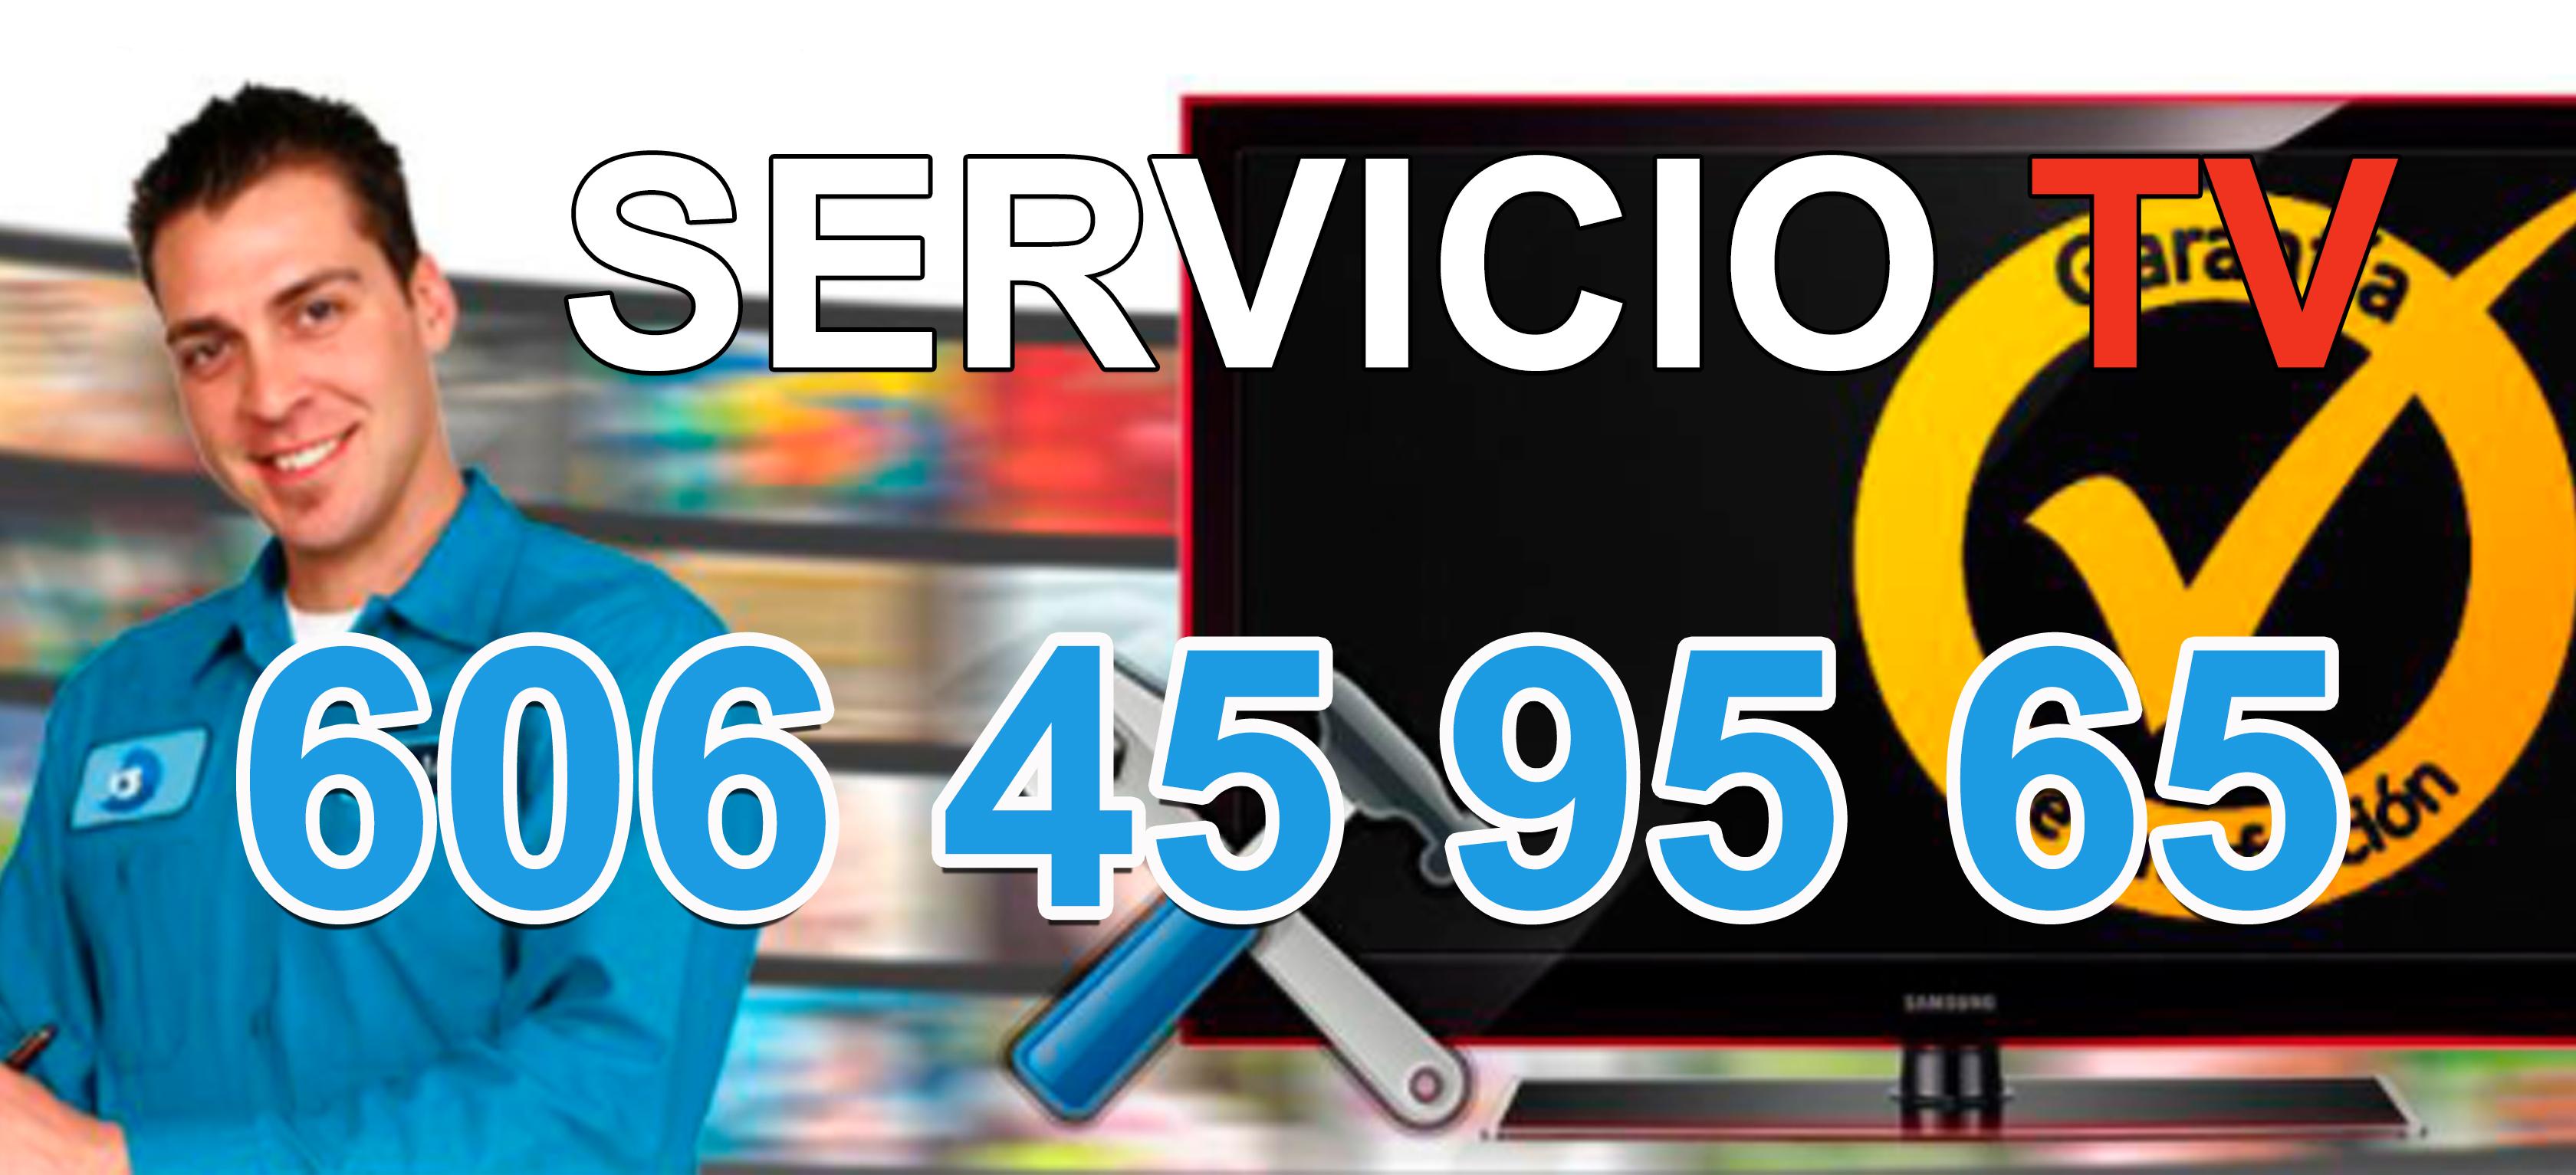 Reparaciones de Televisiones La petxina en domicilios y locales.